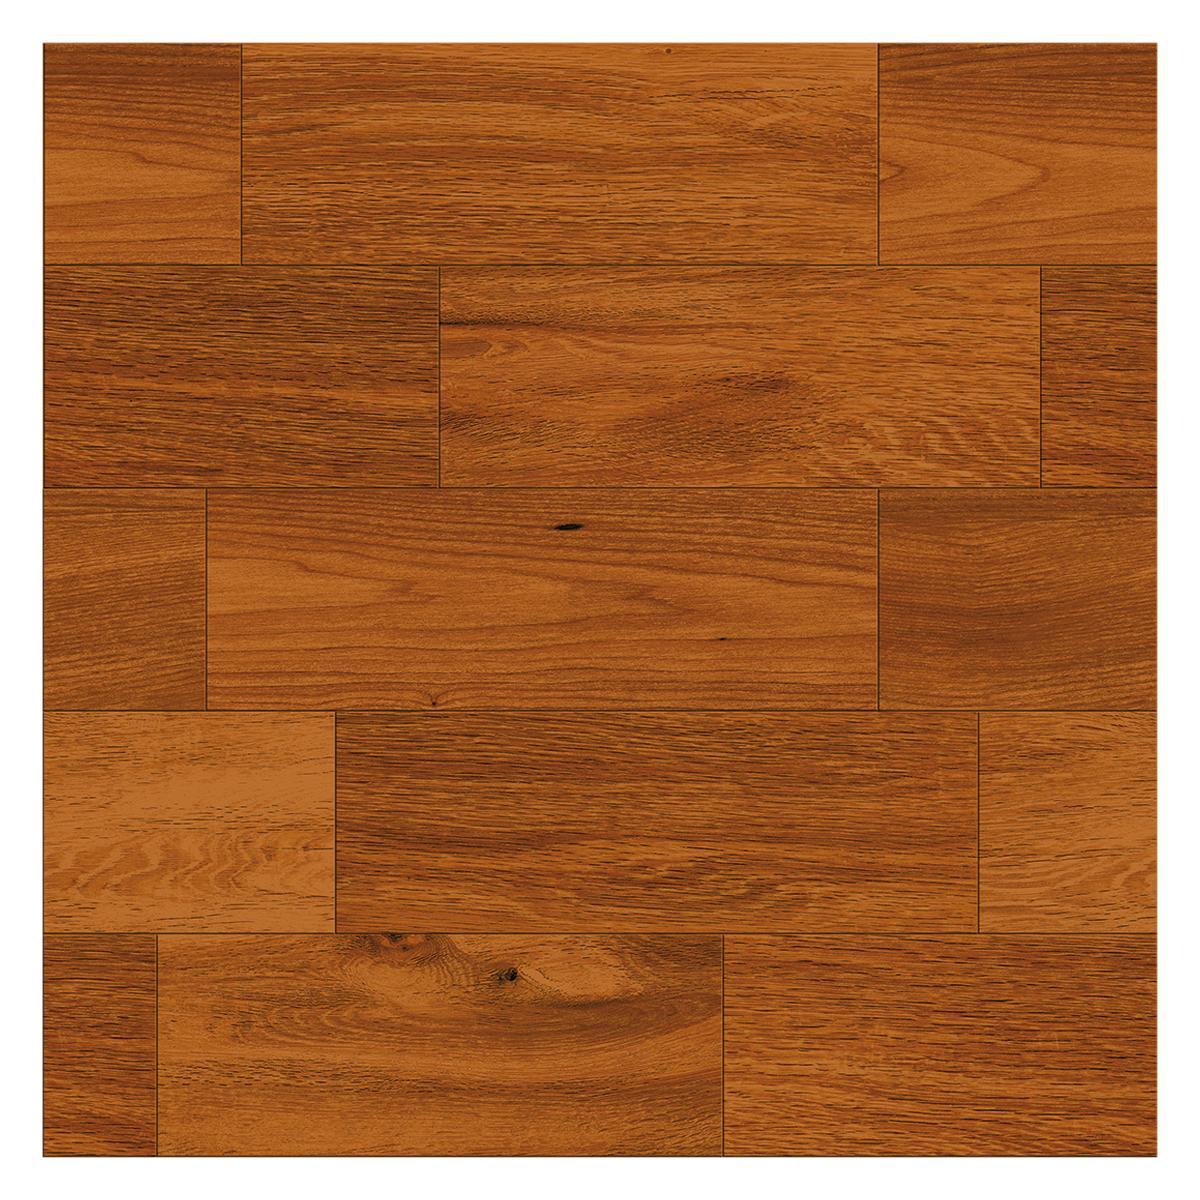 Piso Parqueton Naranja Brillante - 60X60 cm - 1.44 m2